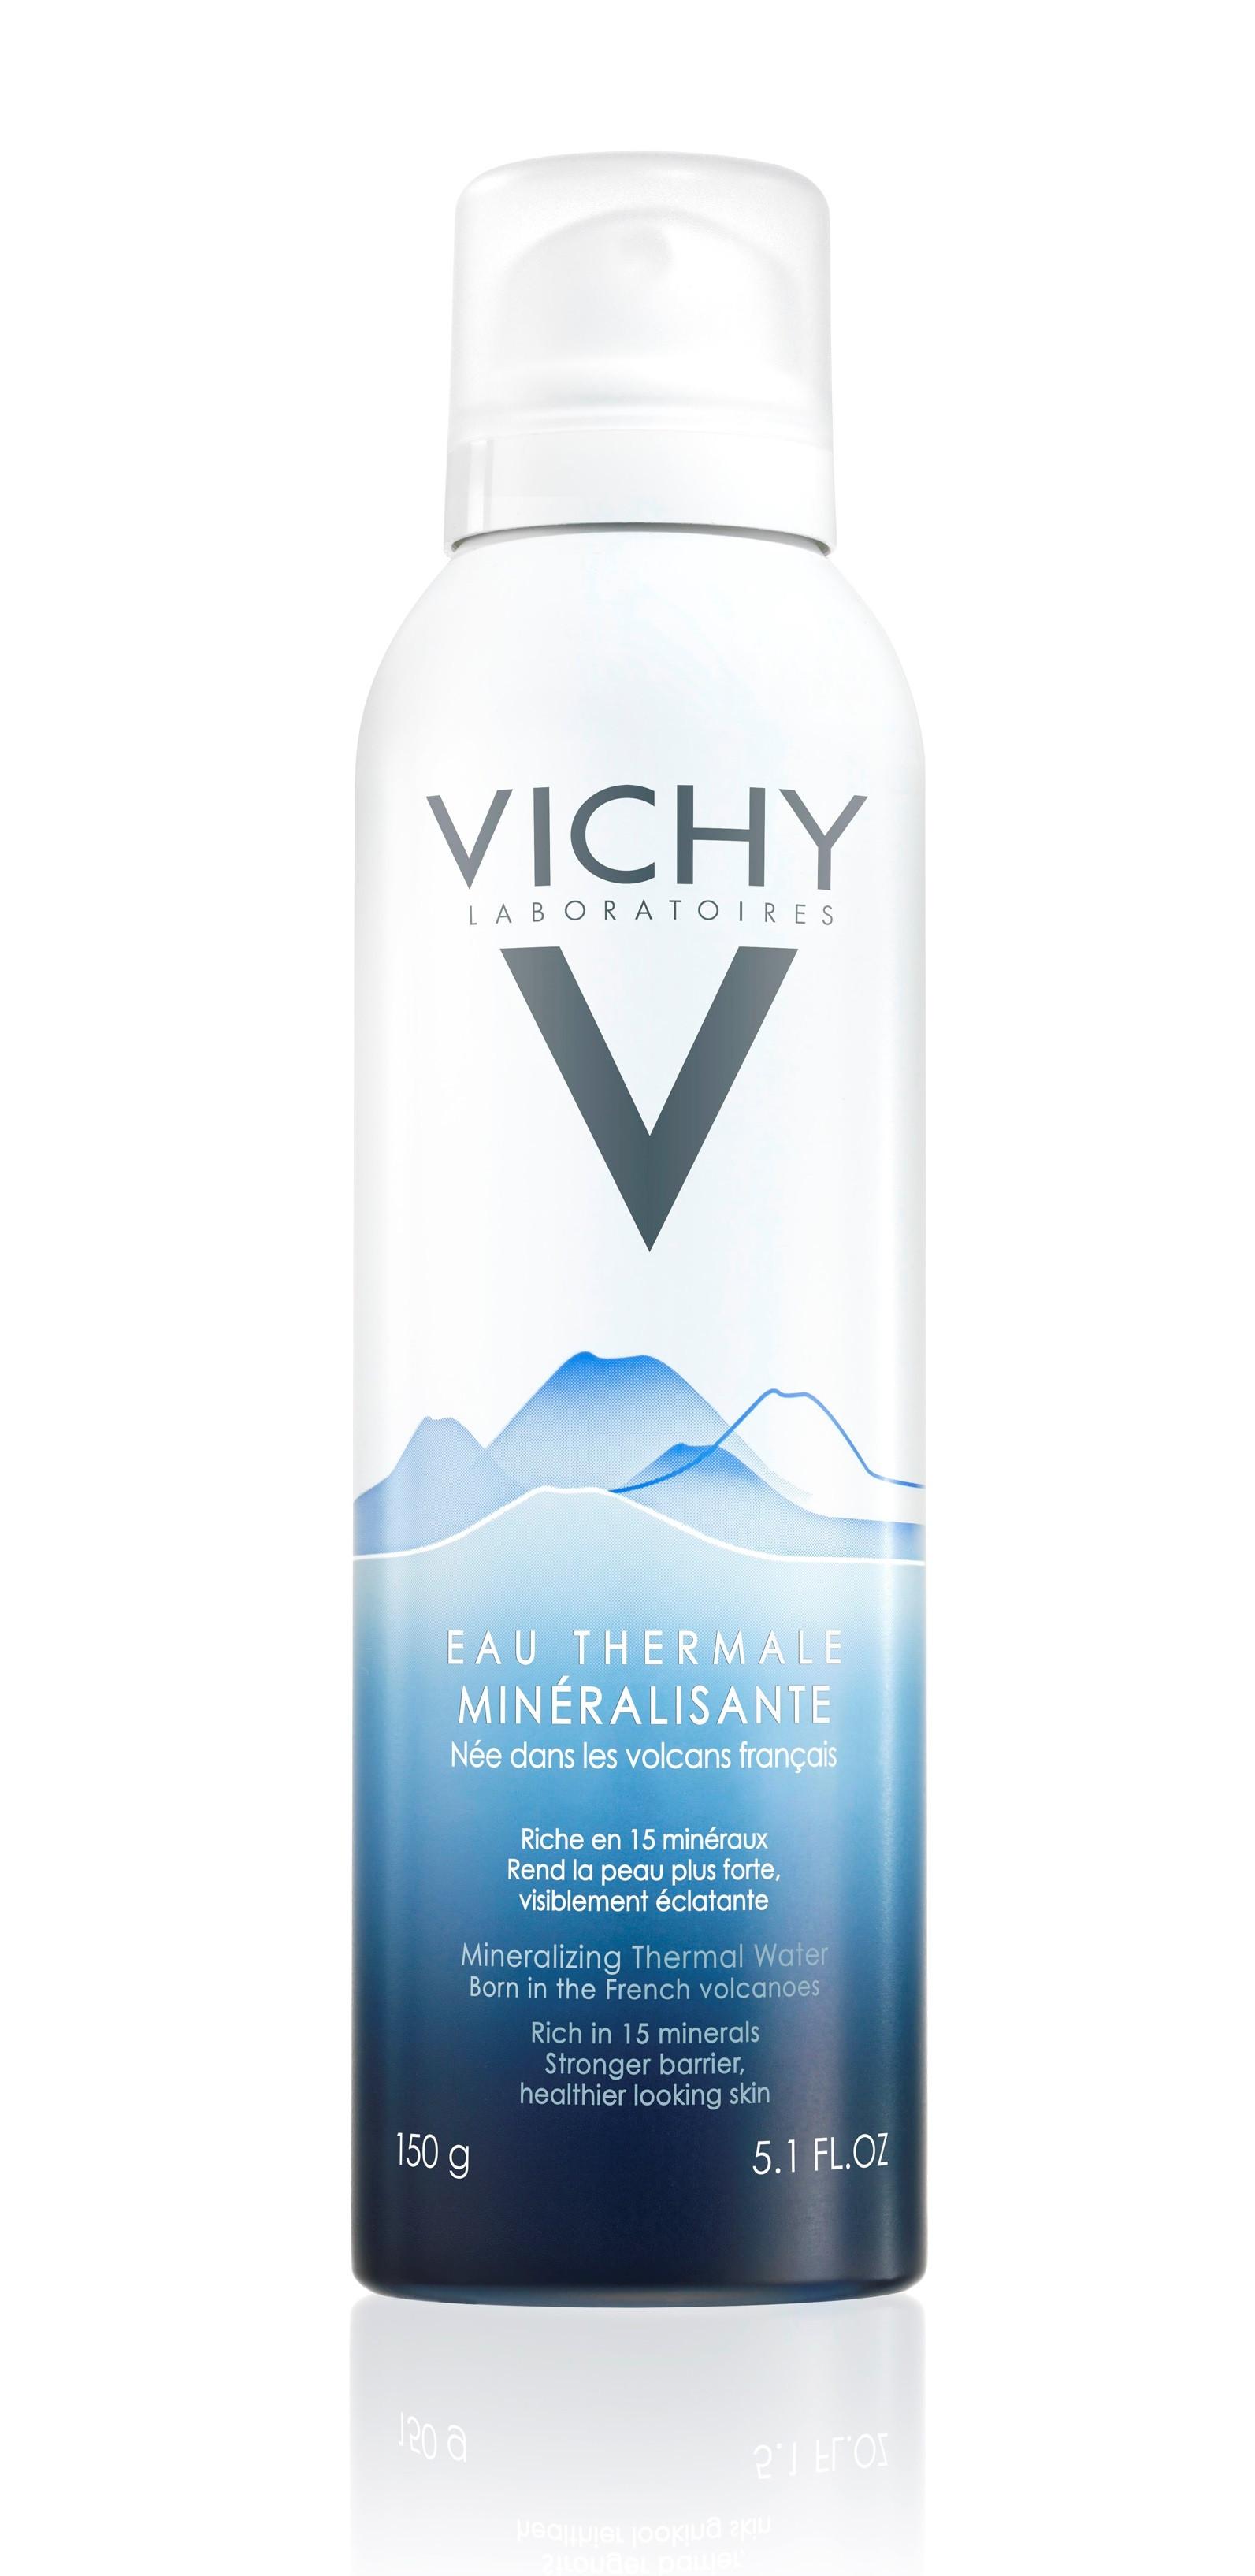 טרמל מים טרמליים להרגעת העור VICHY EAU THERMALE וישי